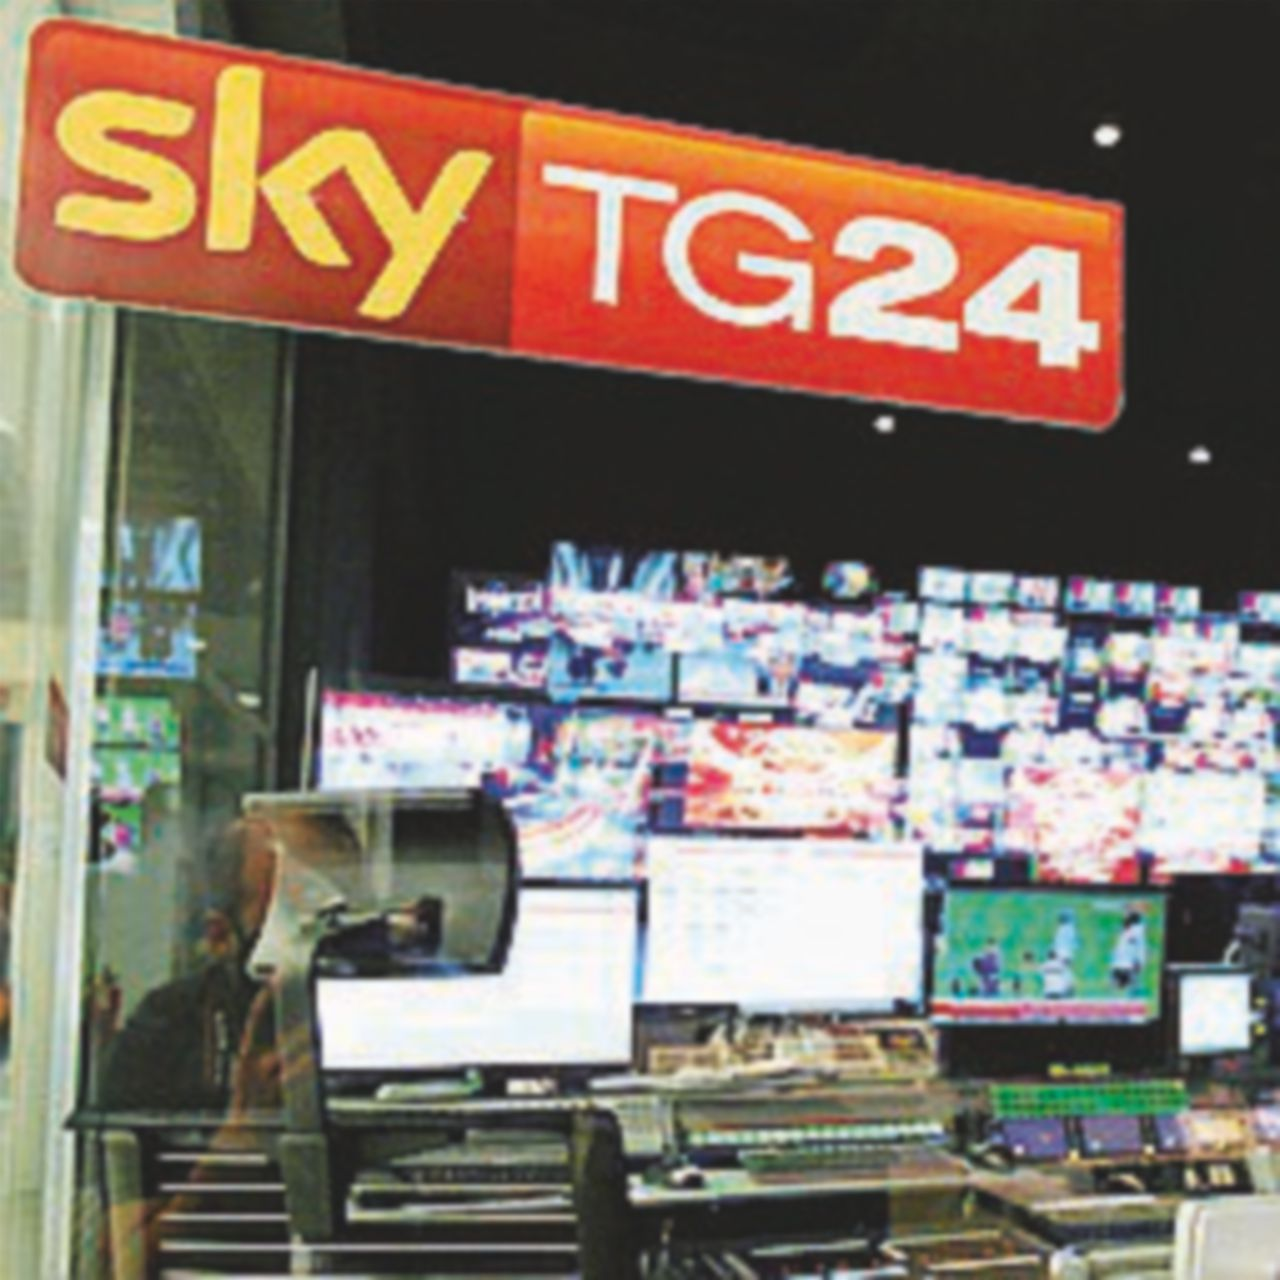 Oggi in sciopero SkyTg24 e tutte le agenzie di stampa